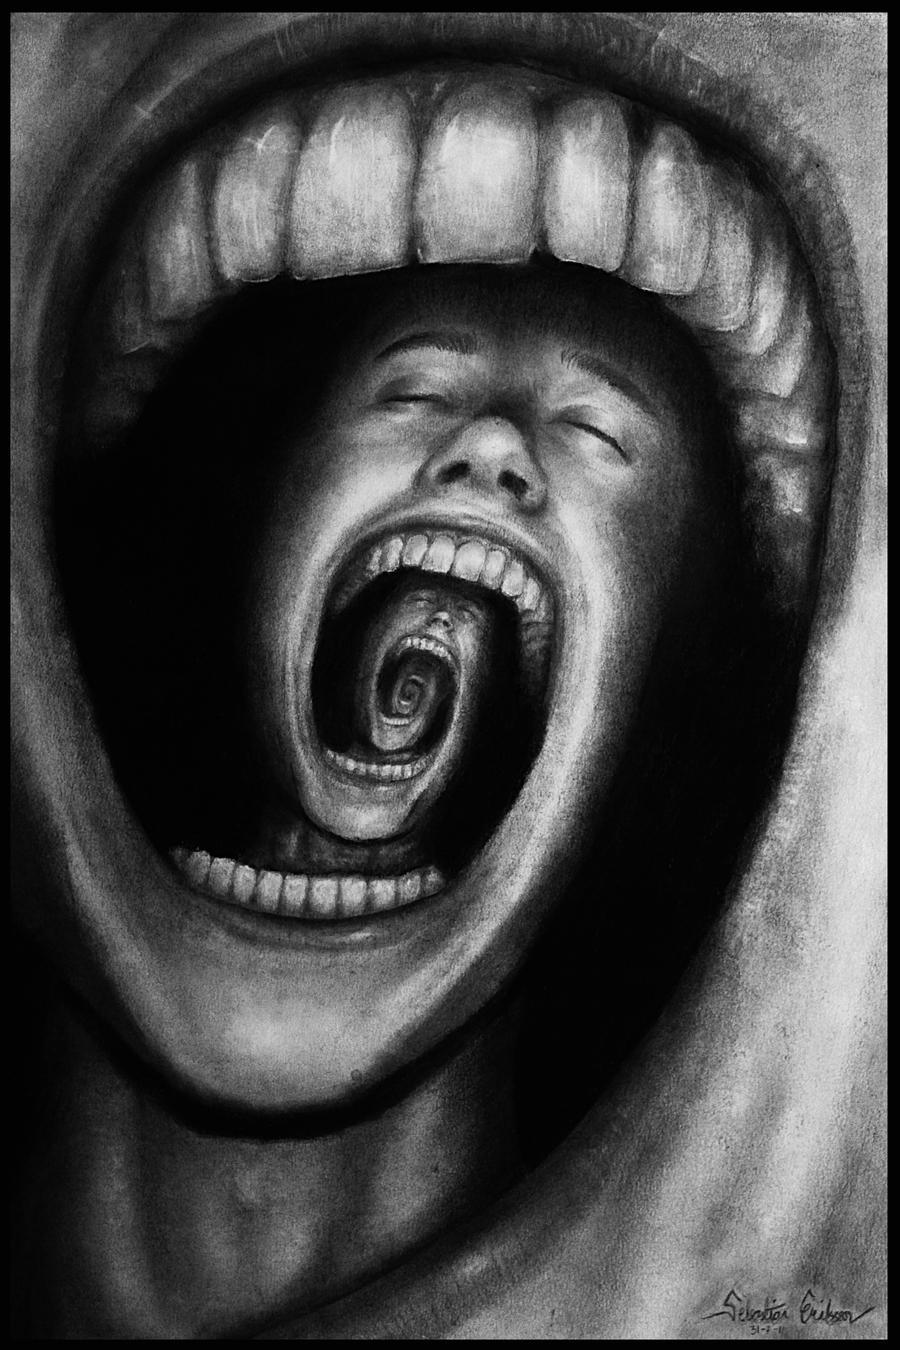 Mind devour by Sebmaestro